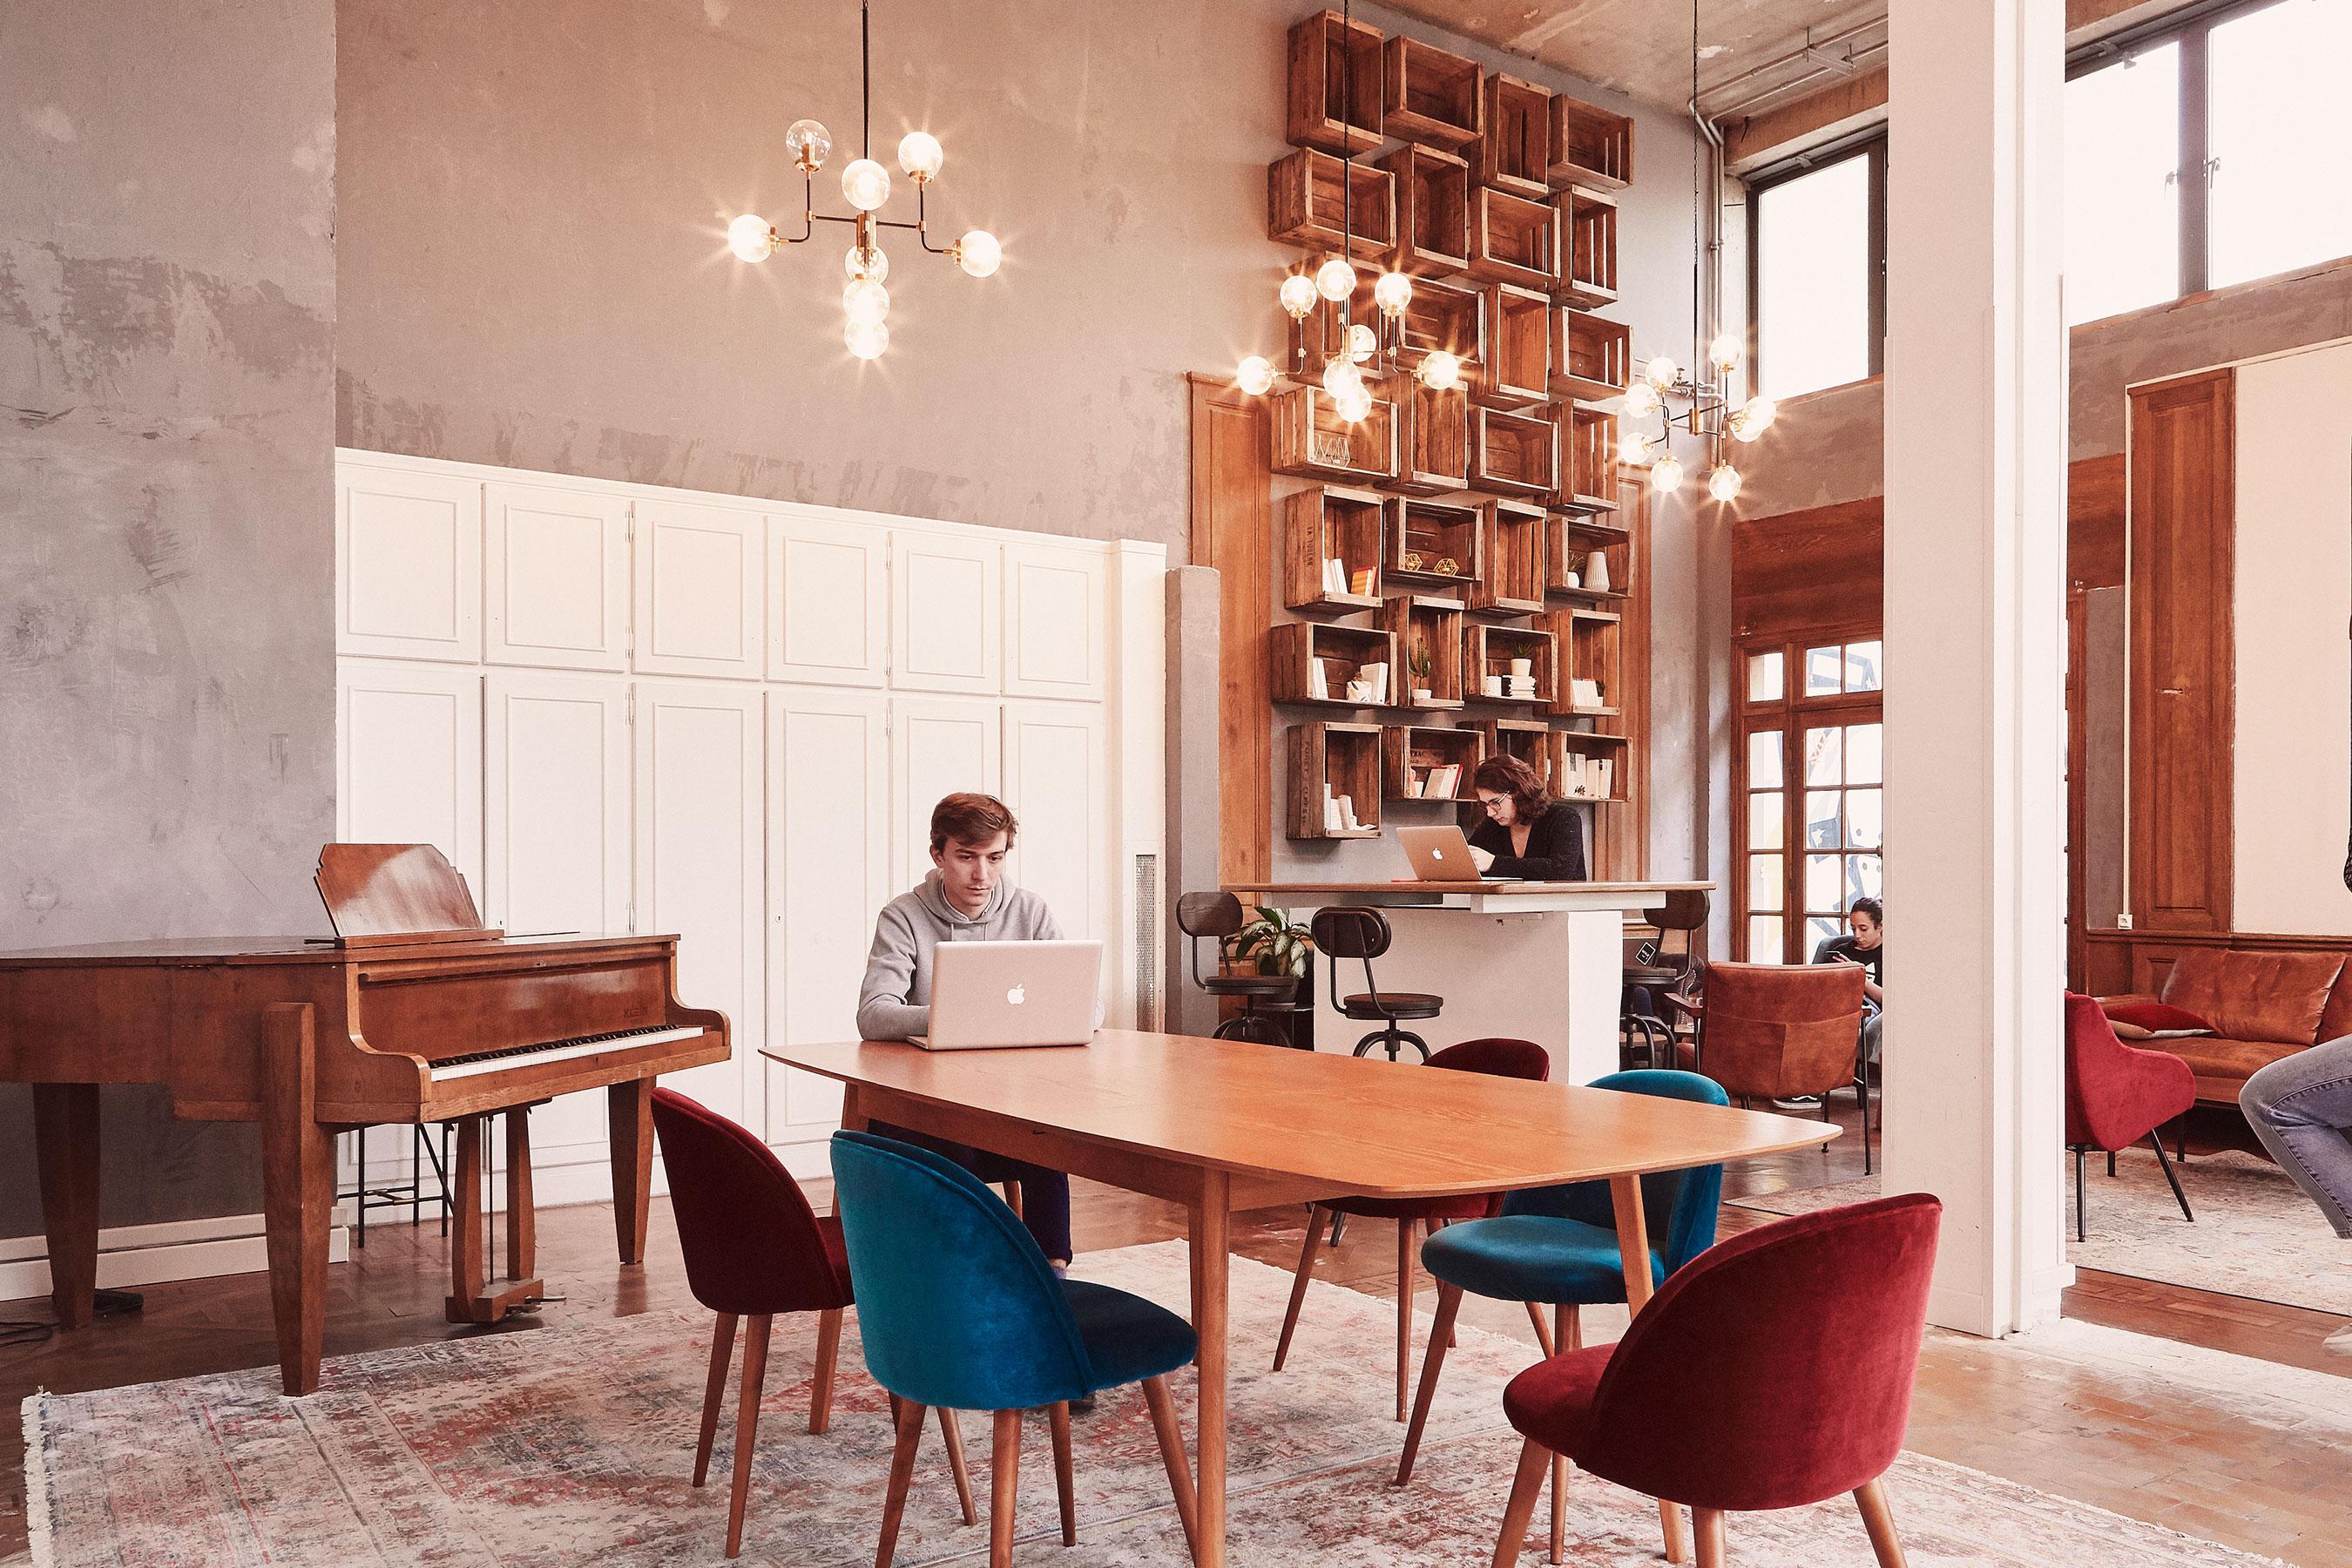 Coworking bagnolet - espace commun avec table